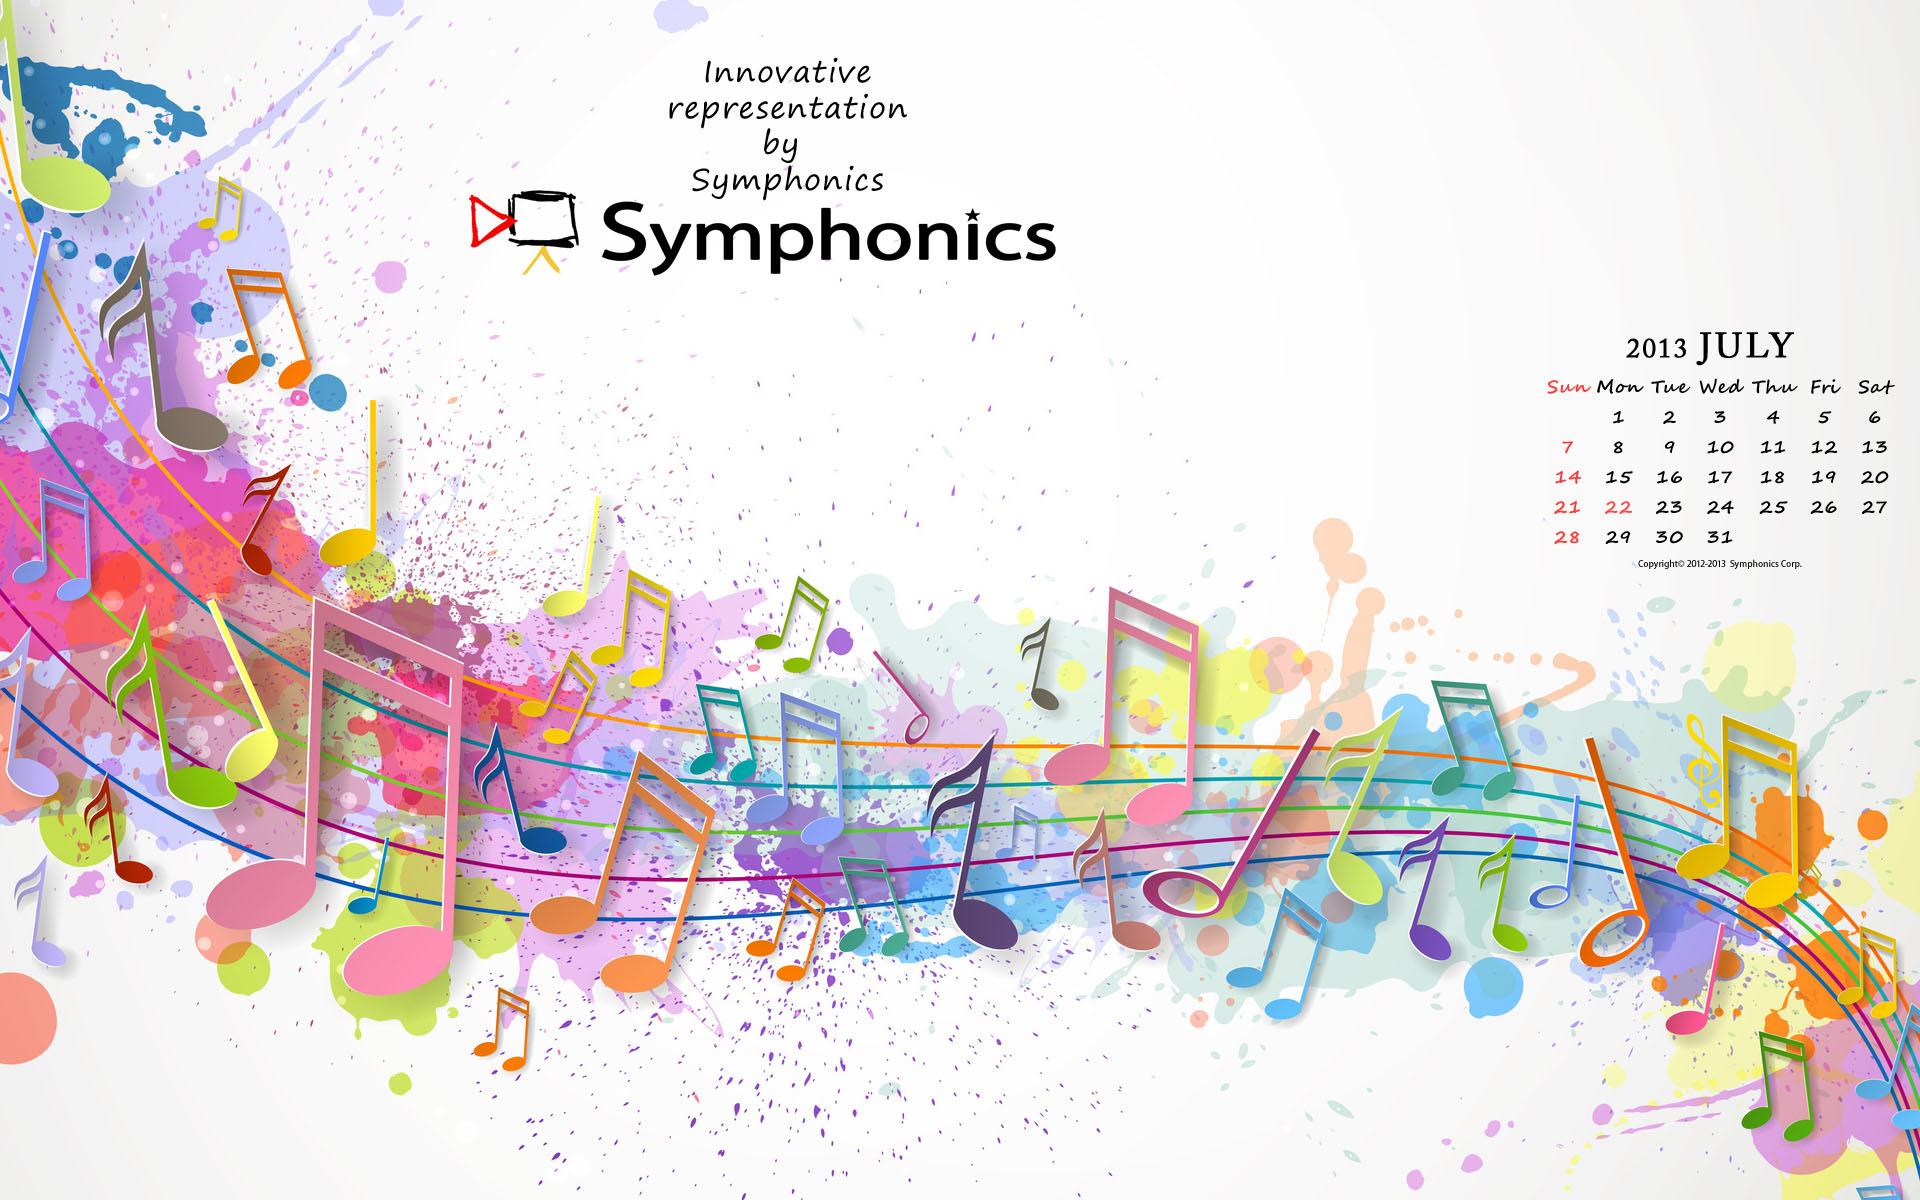 Symphonics シンフォニクス株式会社 映像制作 技術 オーケストラ コンサートdvd ビデオ撮影 7月のsymphonics壁紙